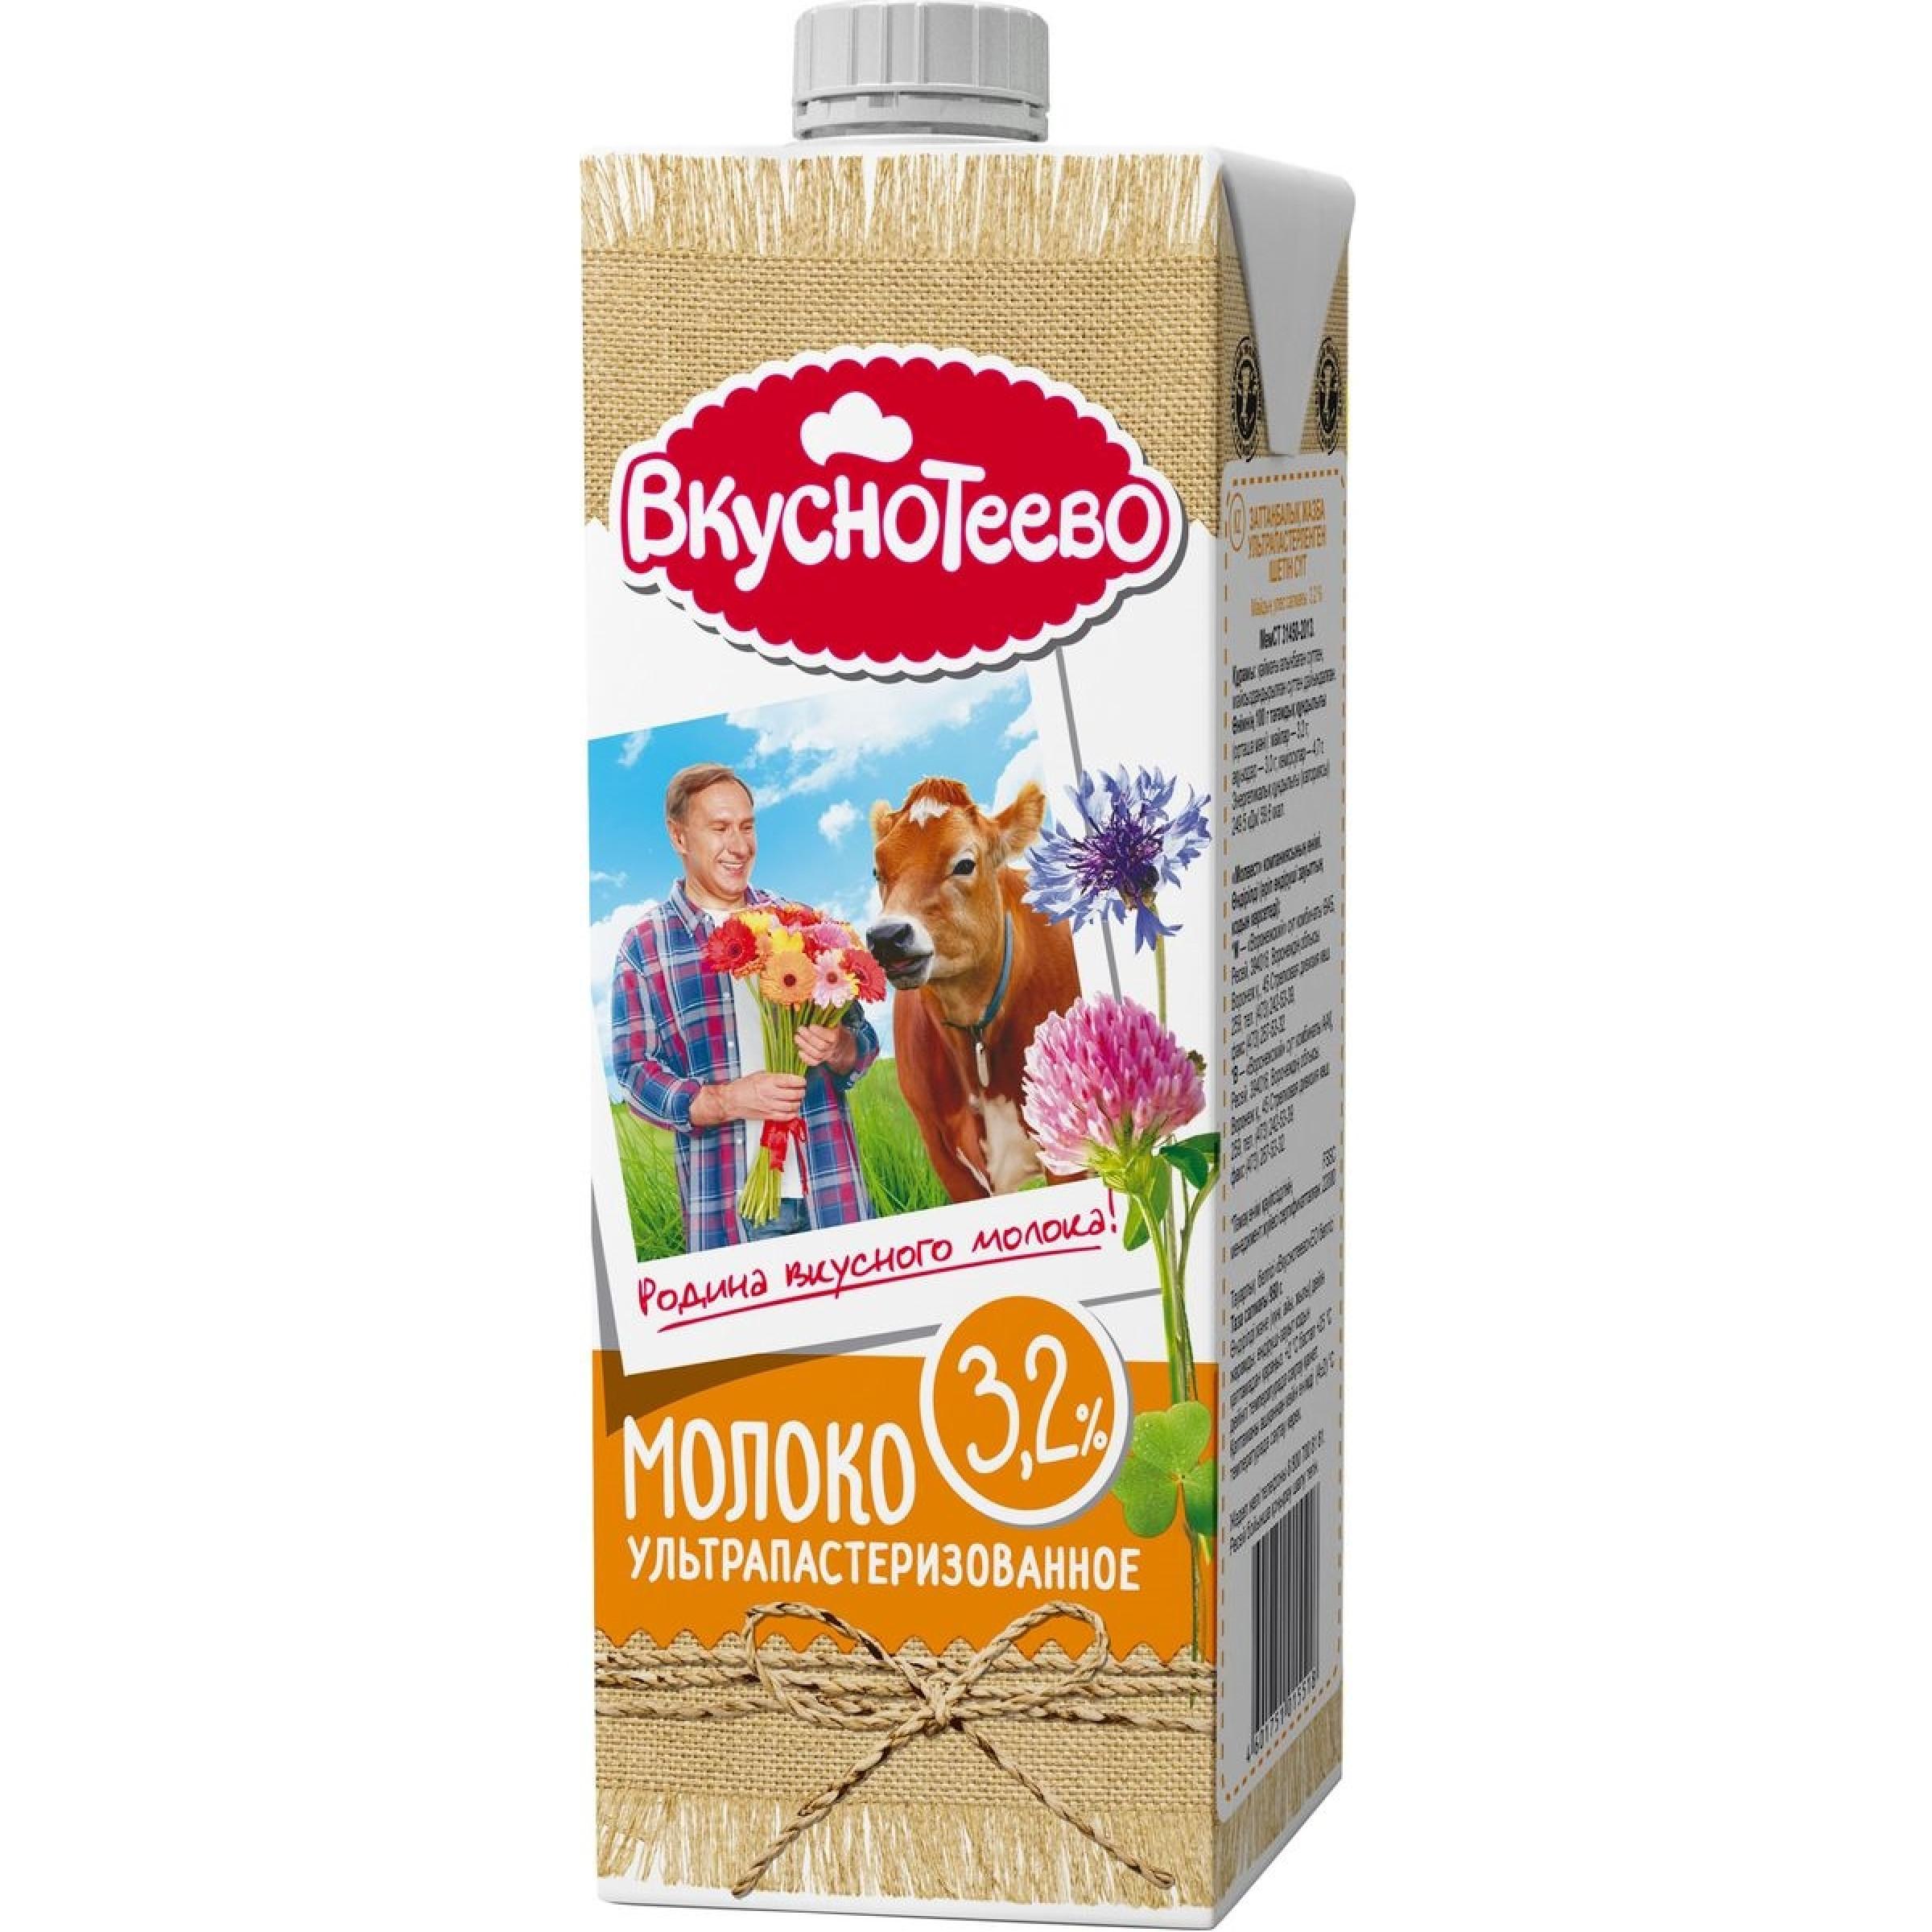 """Молоко """"Вкуснотеево"""" 3, 2% ультрапастеризованное, 950гр."""